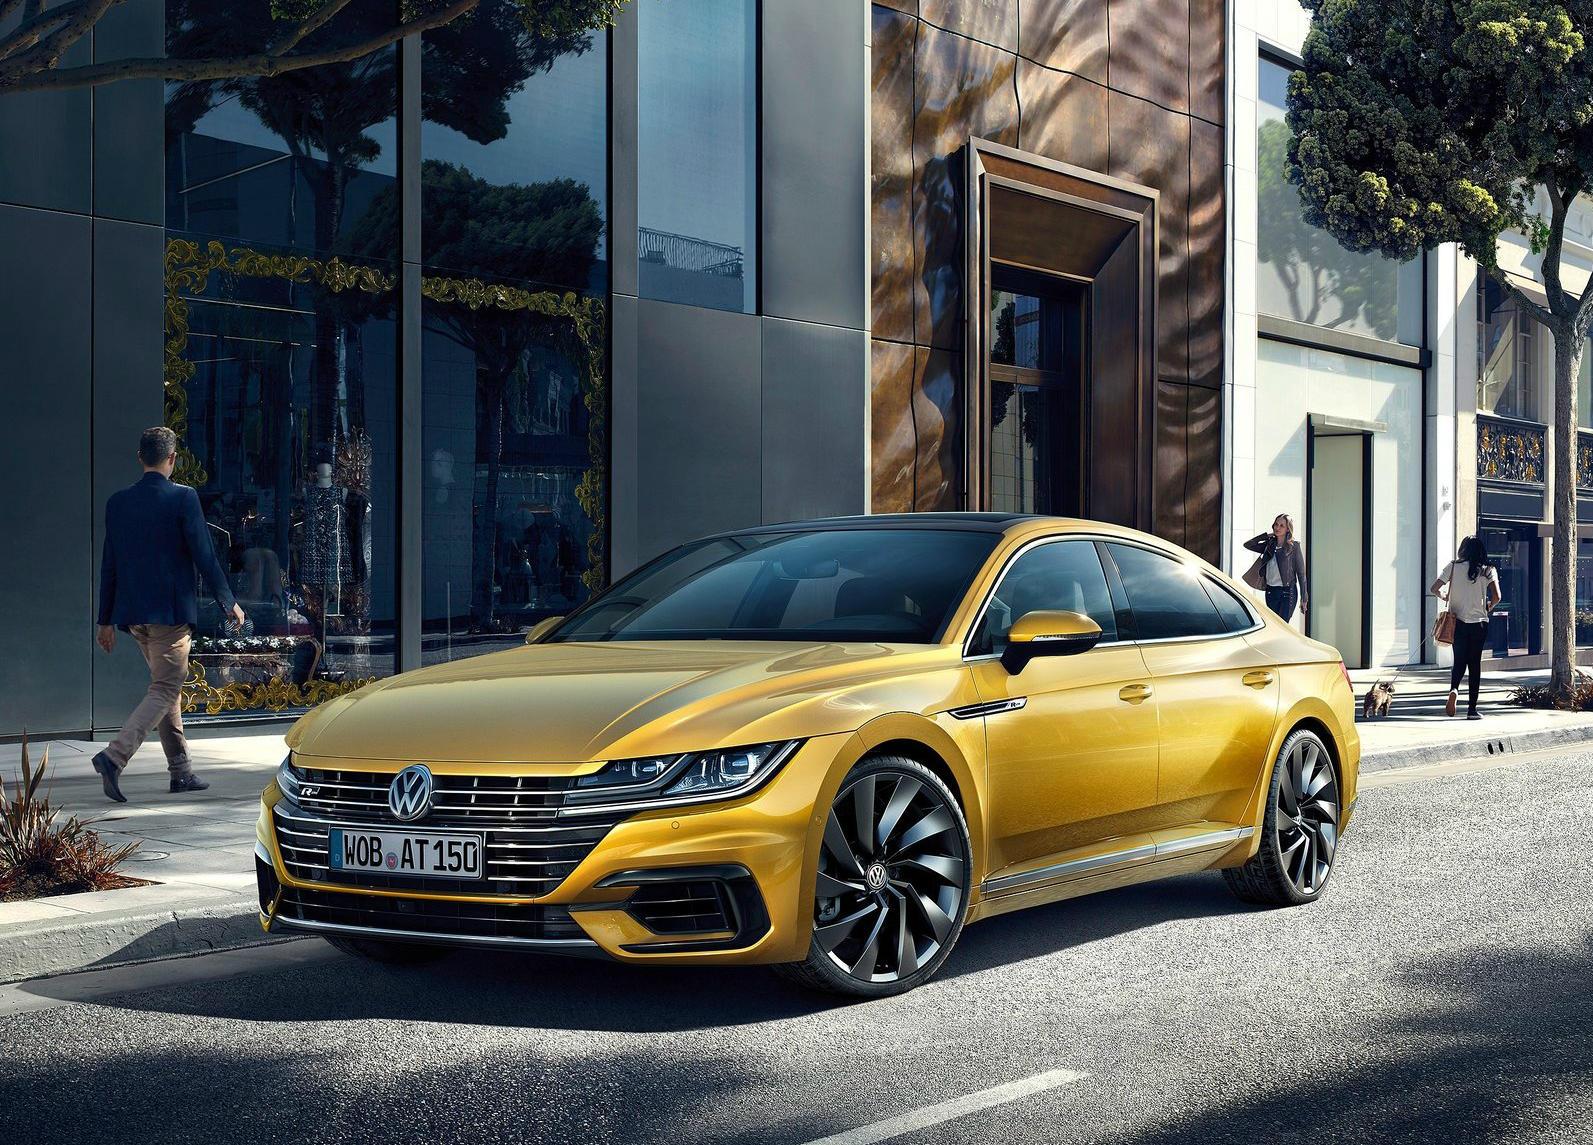 10 lucruri despre Volkswagen Arteon care te vor face sa iti doresti un exemplar in parcare - 10 lucruri despre Volkswagen Arteon care te vor face sa iti doresti un exemplar in parcare